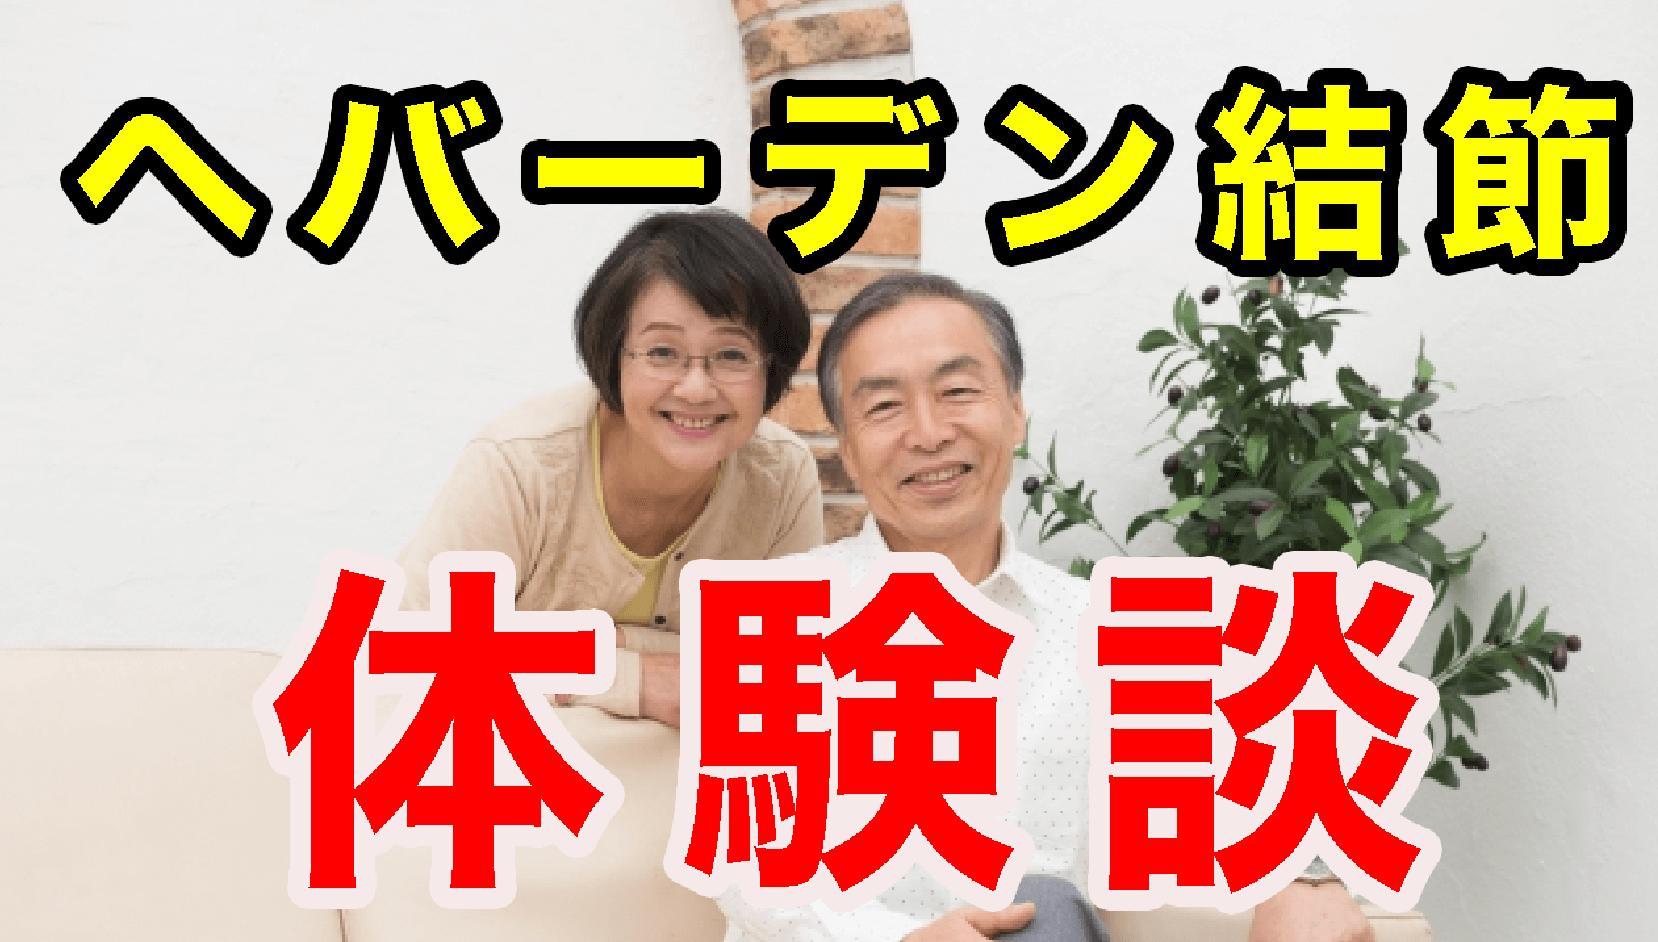 ヘバーデン結節・体験談